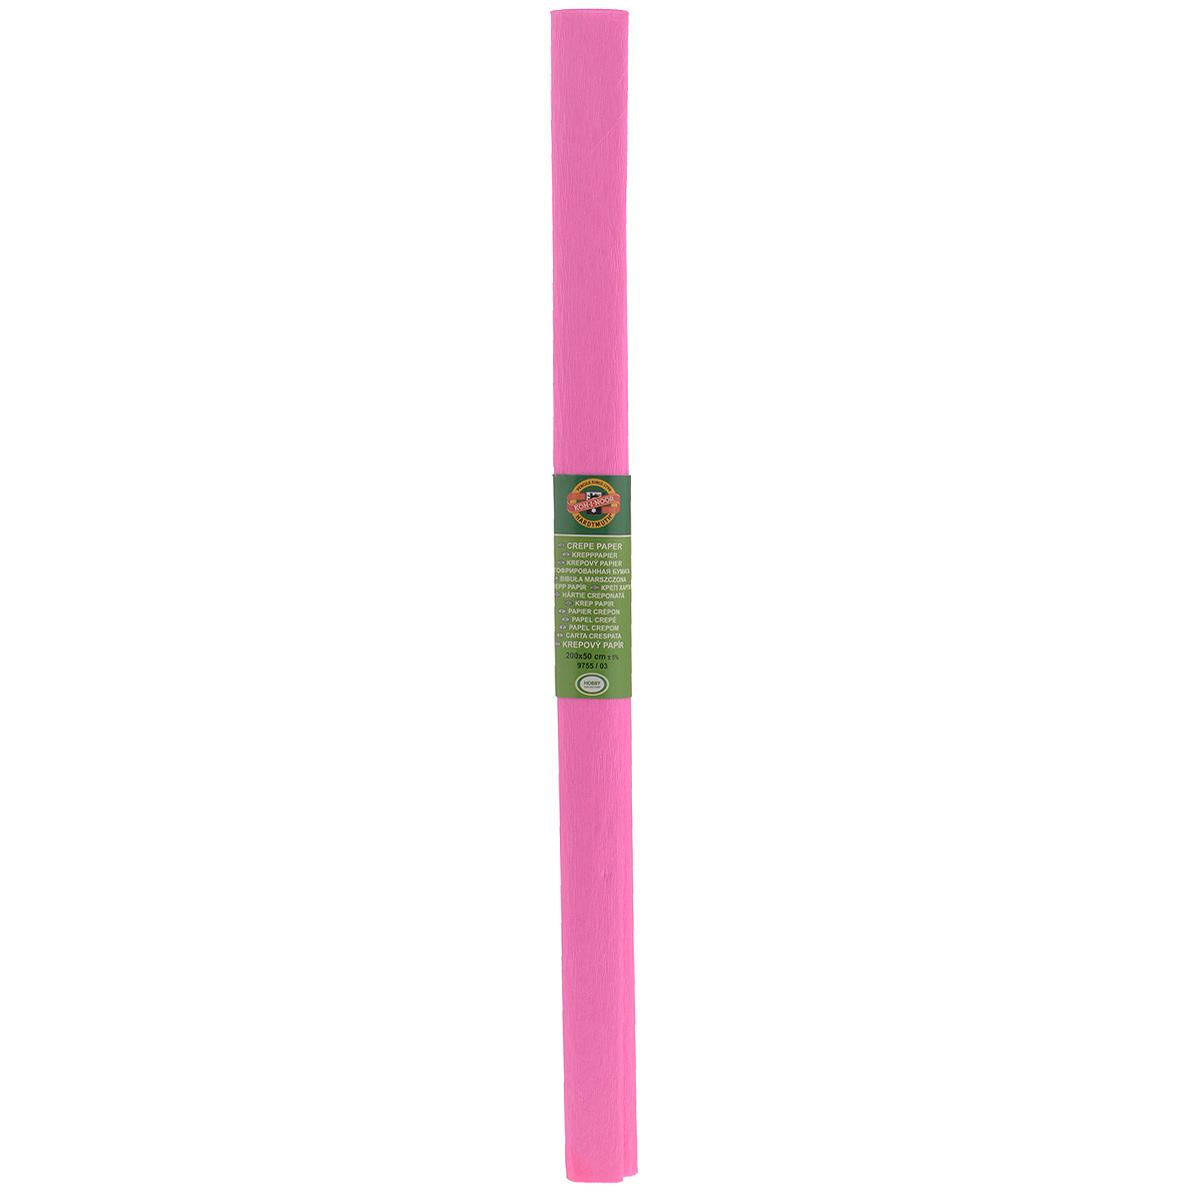 """Бумага гофрированная """"Koh-I-Noor"""", цвет: светло-розовый, 50 см x 2 м"""